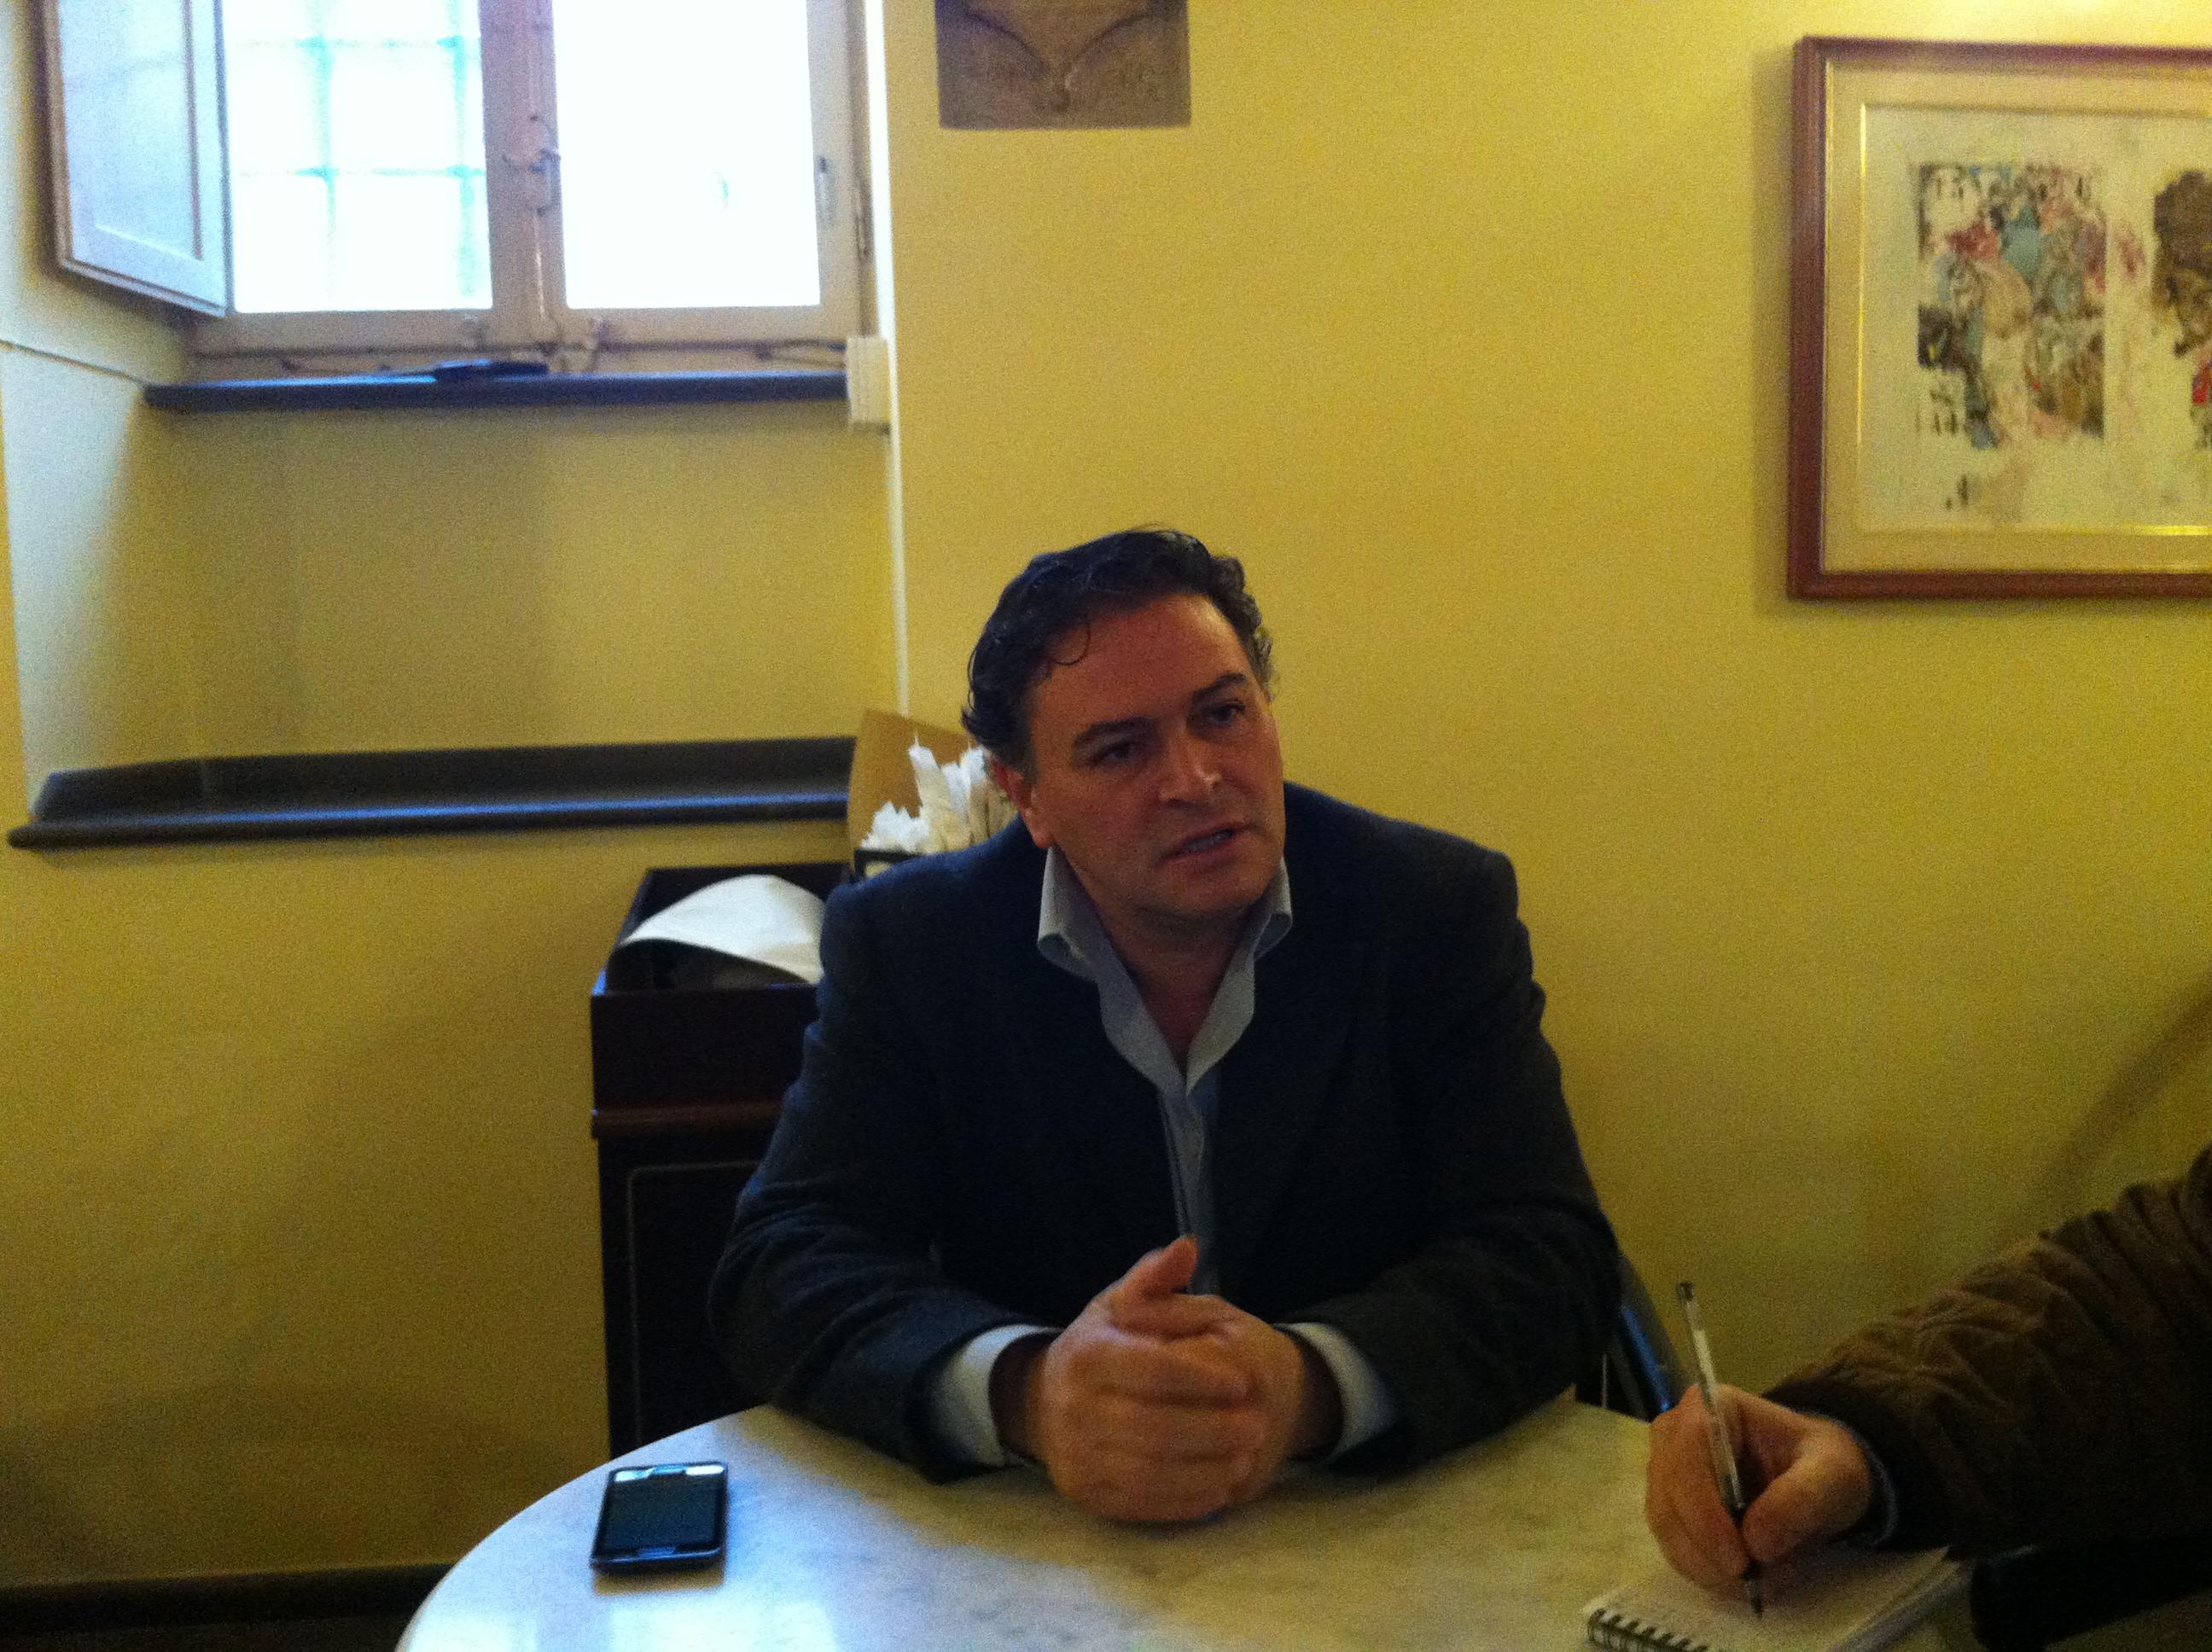 Claudio Travanti